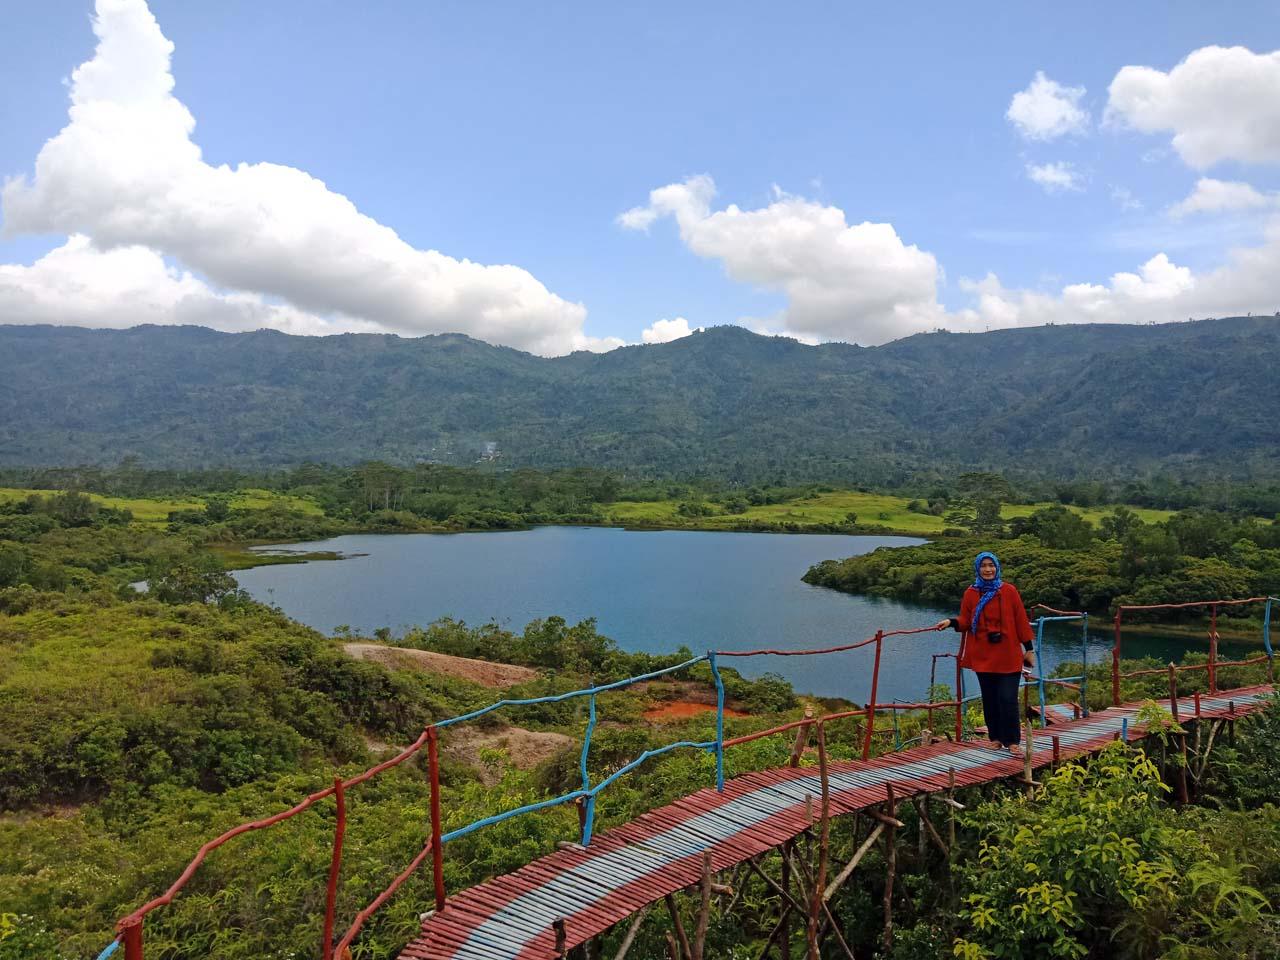 Danau Minyak - Suoh Lampung Barat - Yopie Pangkey - 3